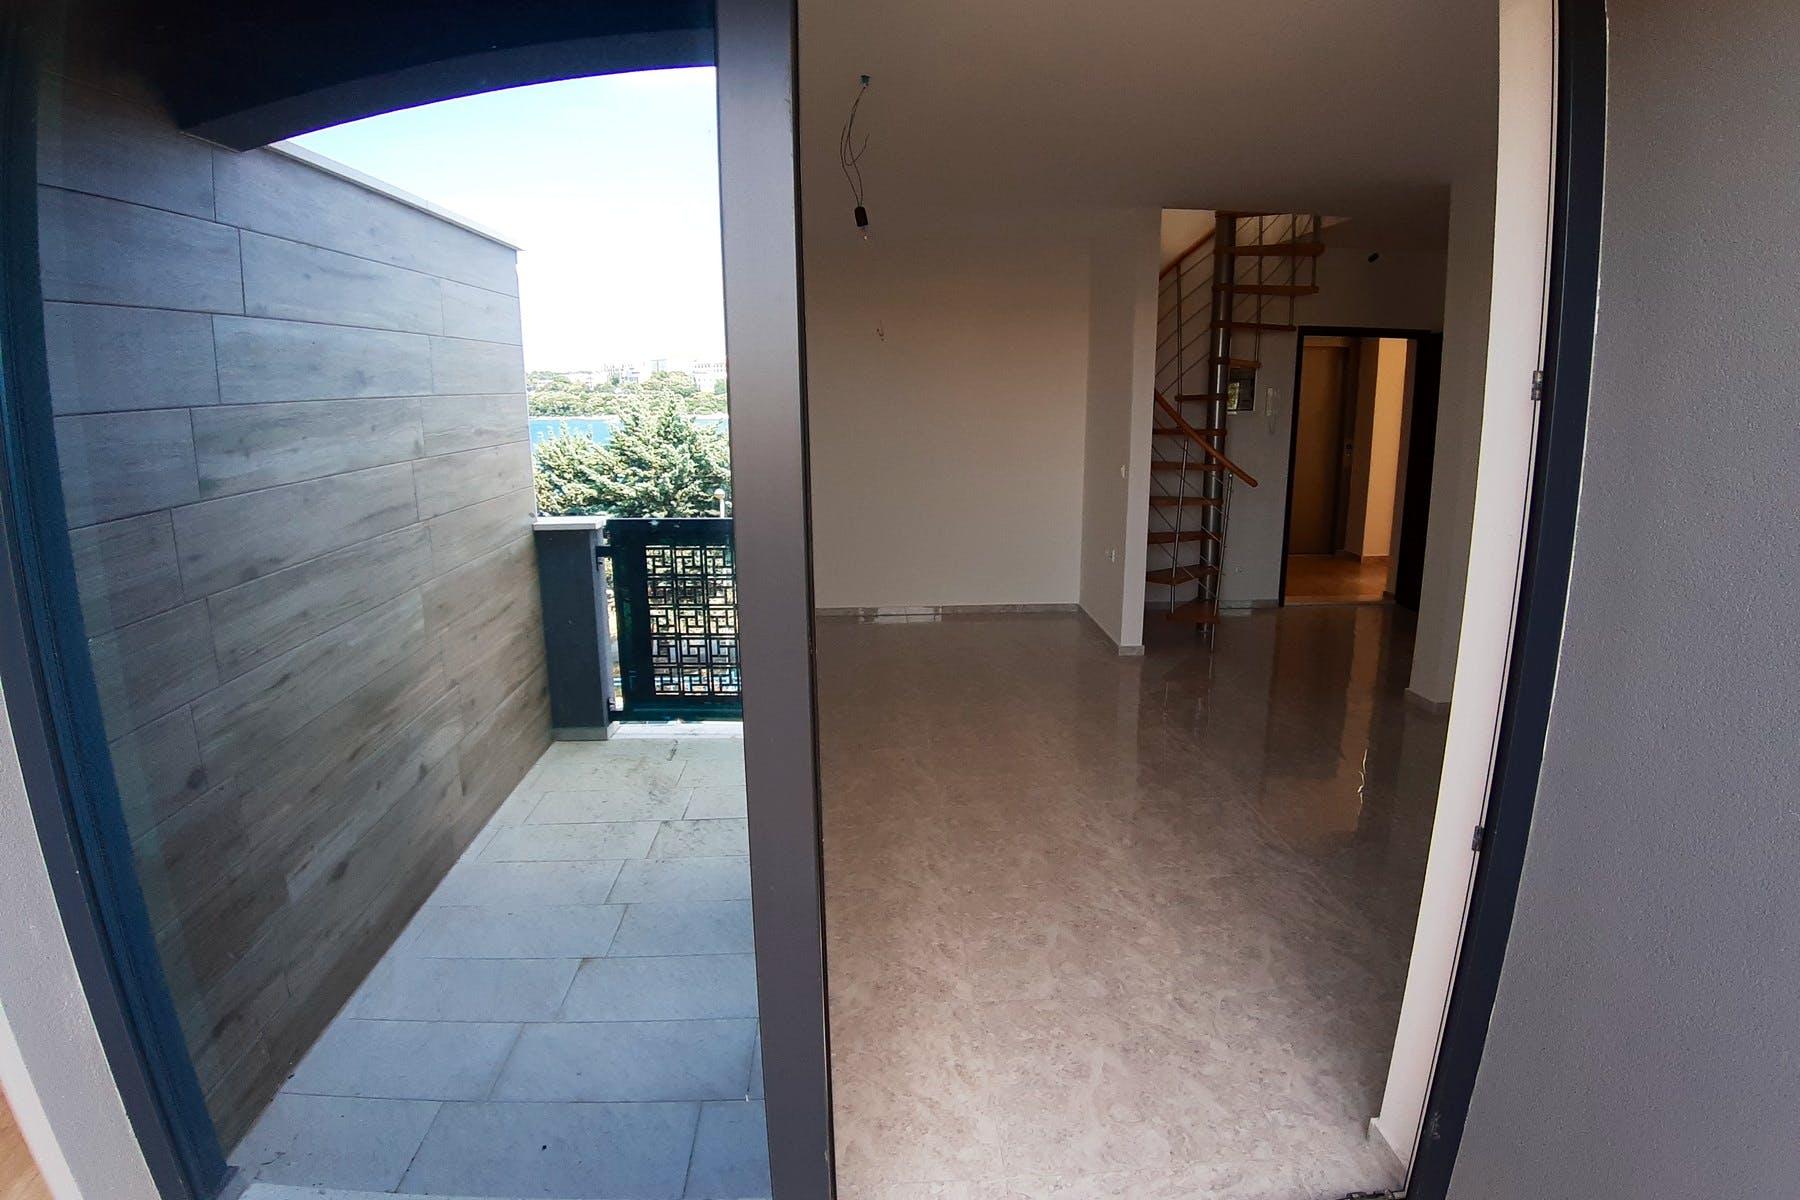 Prodaju se novoizgrađeni apartmani u Puli